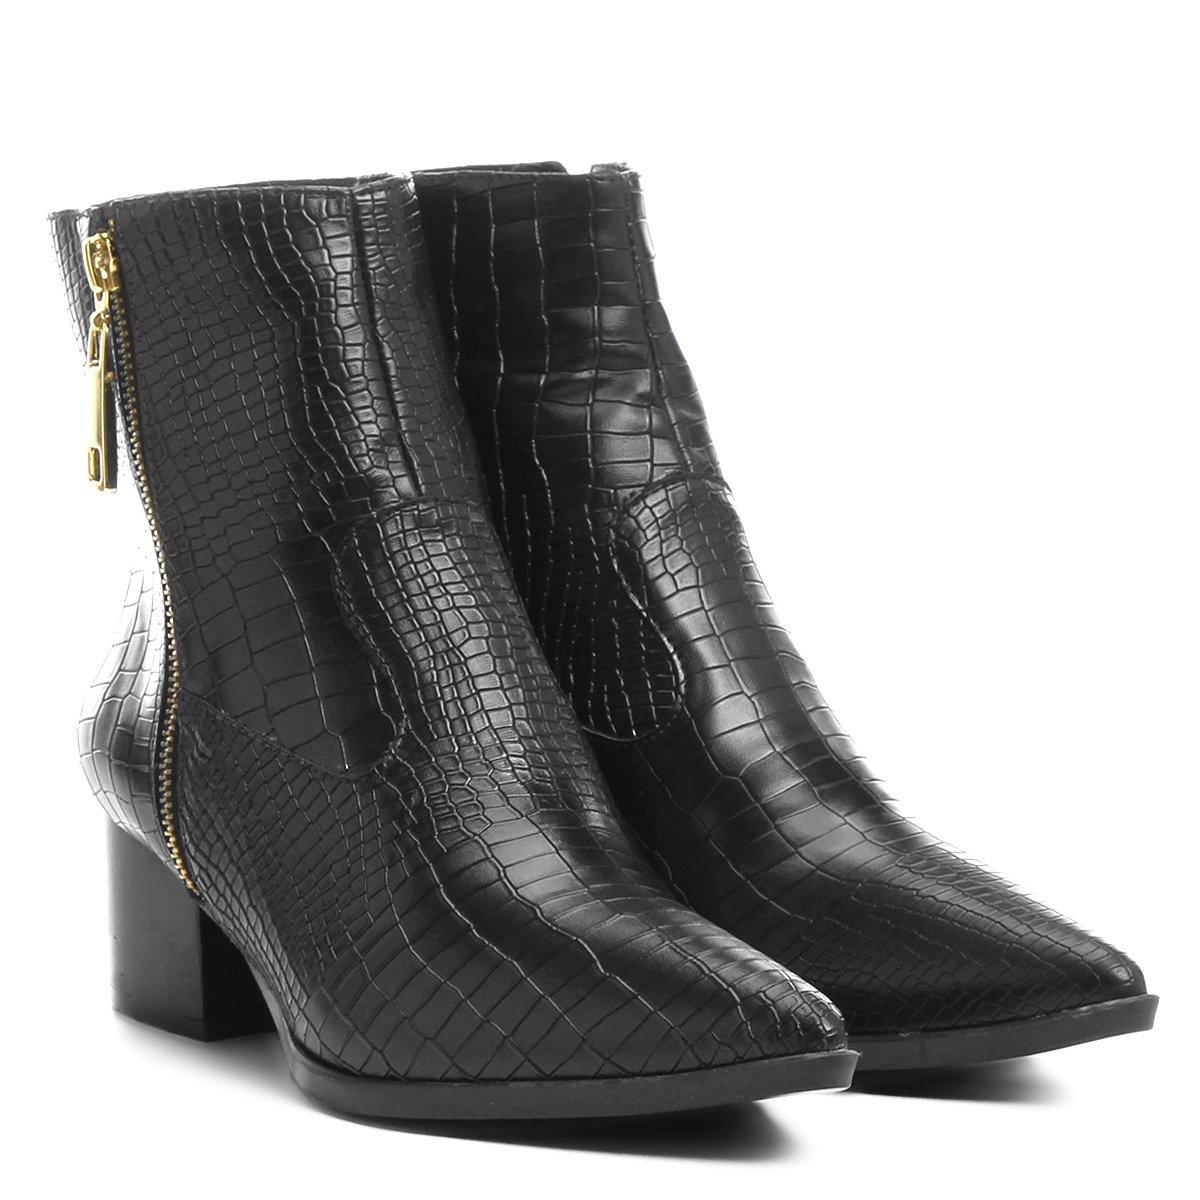 bd786d58aa6 Bota Shoestock Cano Curto Bico Fino Croco - Compre Agora